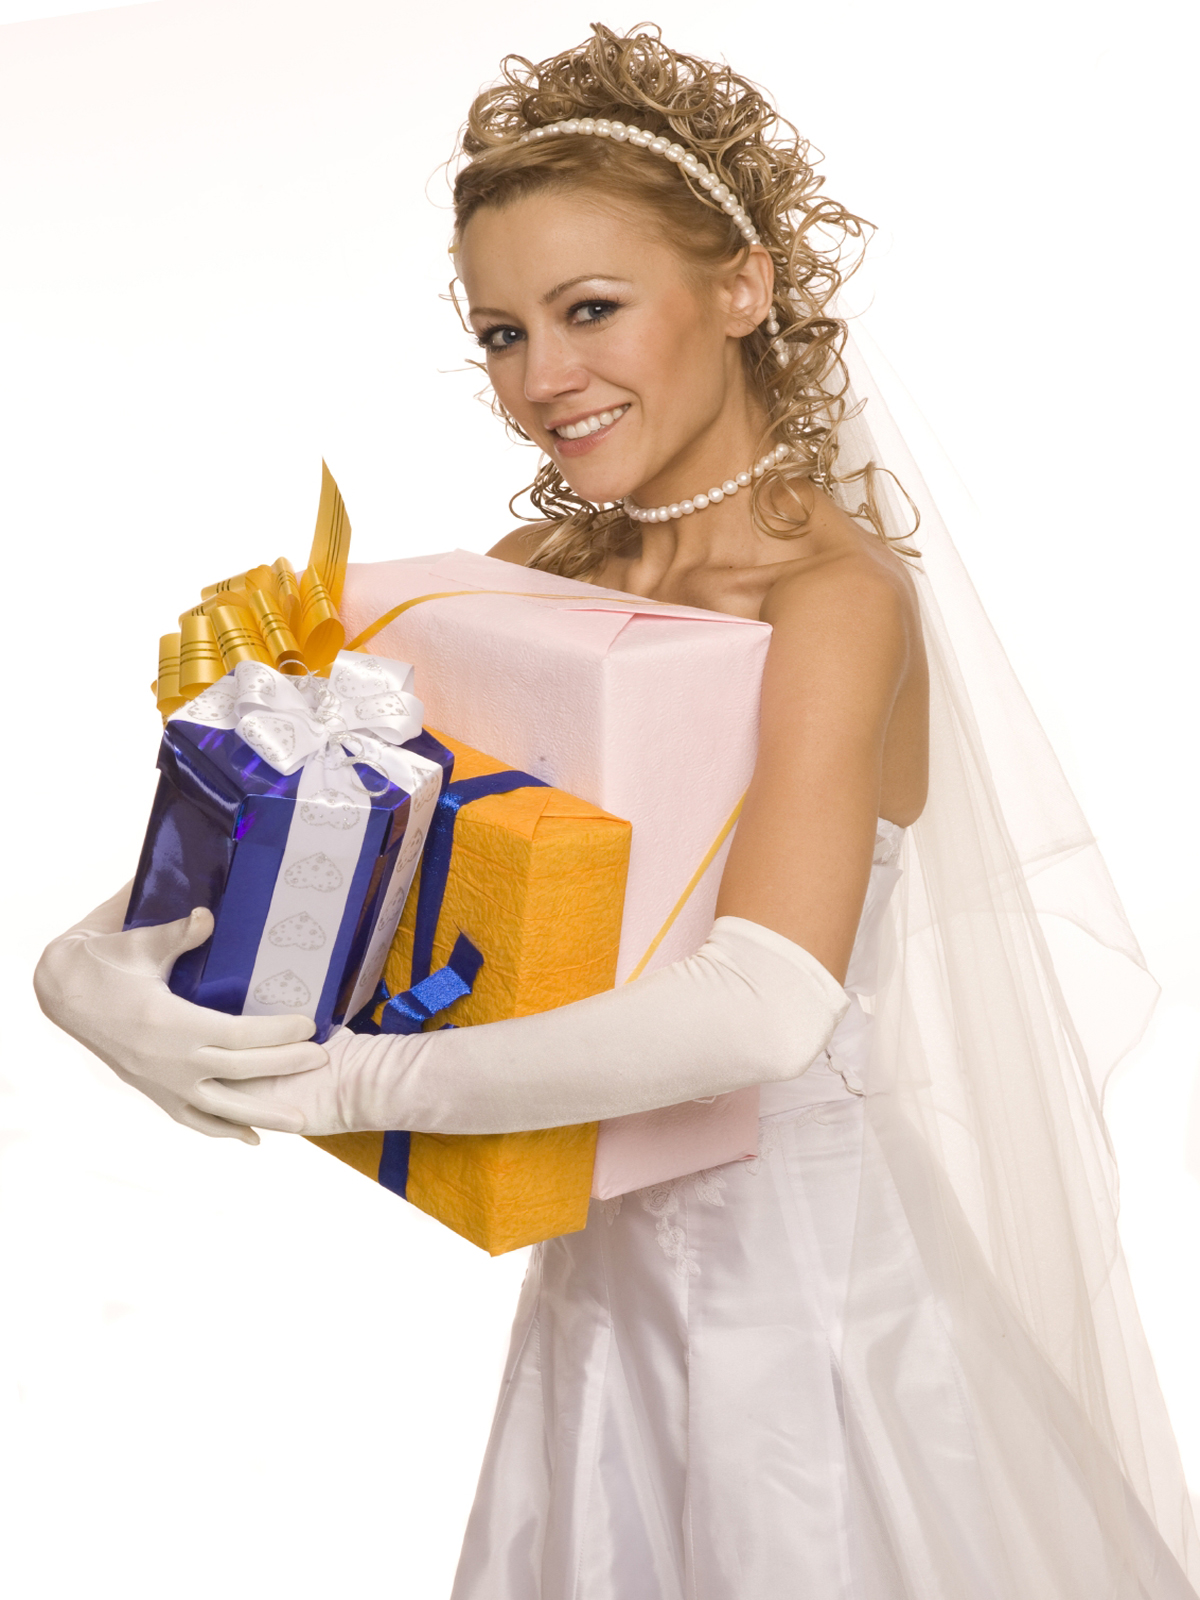 Подарок для невесты фото 347